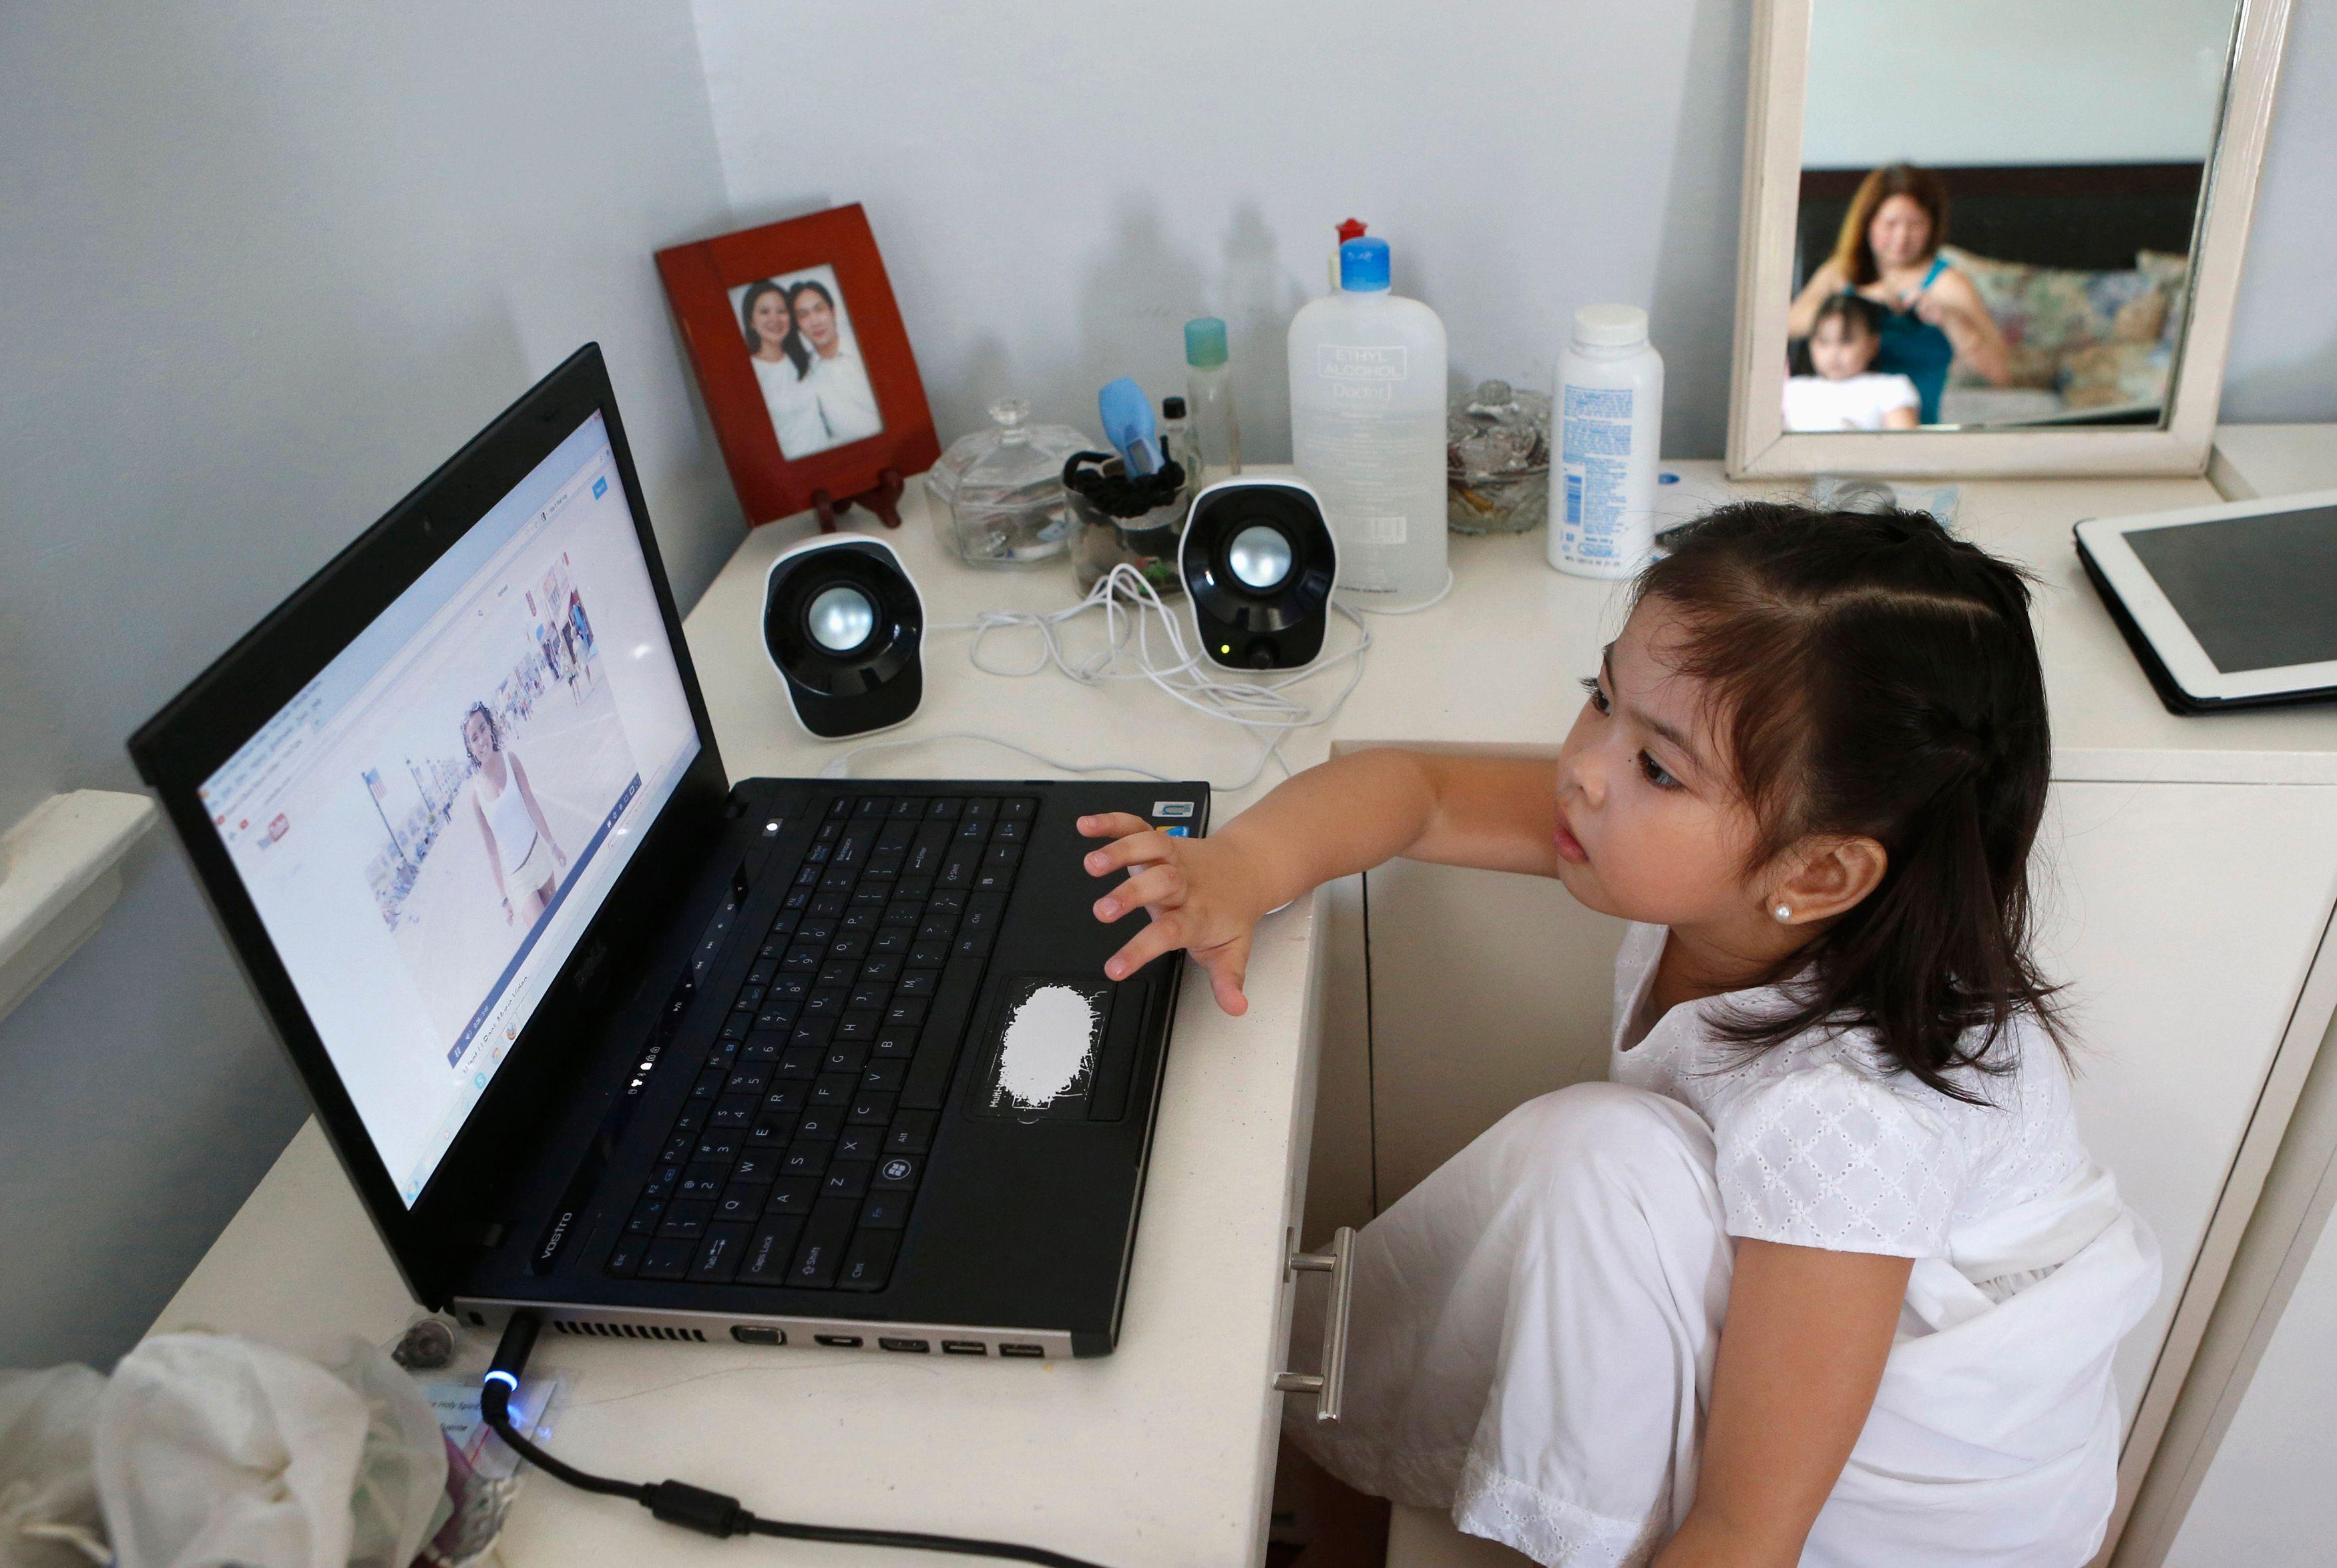 Les enfants sont souvent seuls devant l'ordinateur.